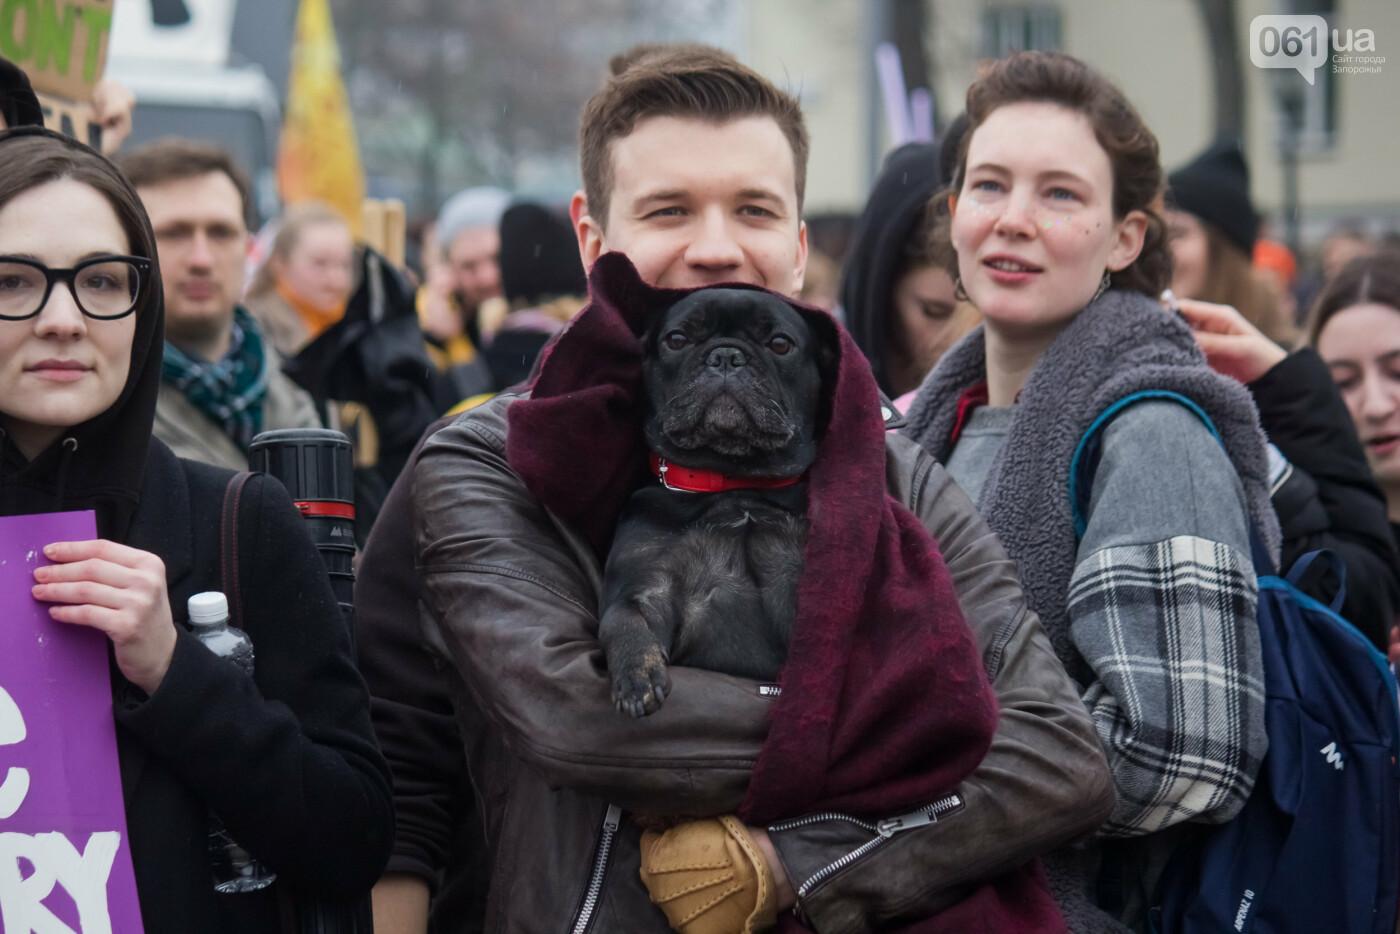 5 историй запорожцев, которые вышли на Марш женщин в Киеве: почему для них это важно, - ФОТОРЕПОРТАЖ, фото-13